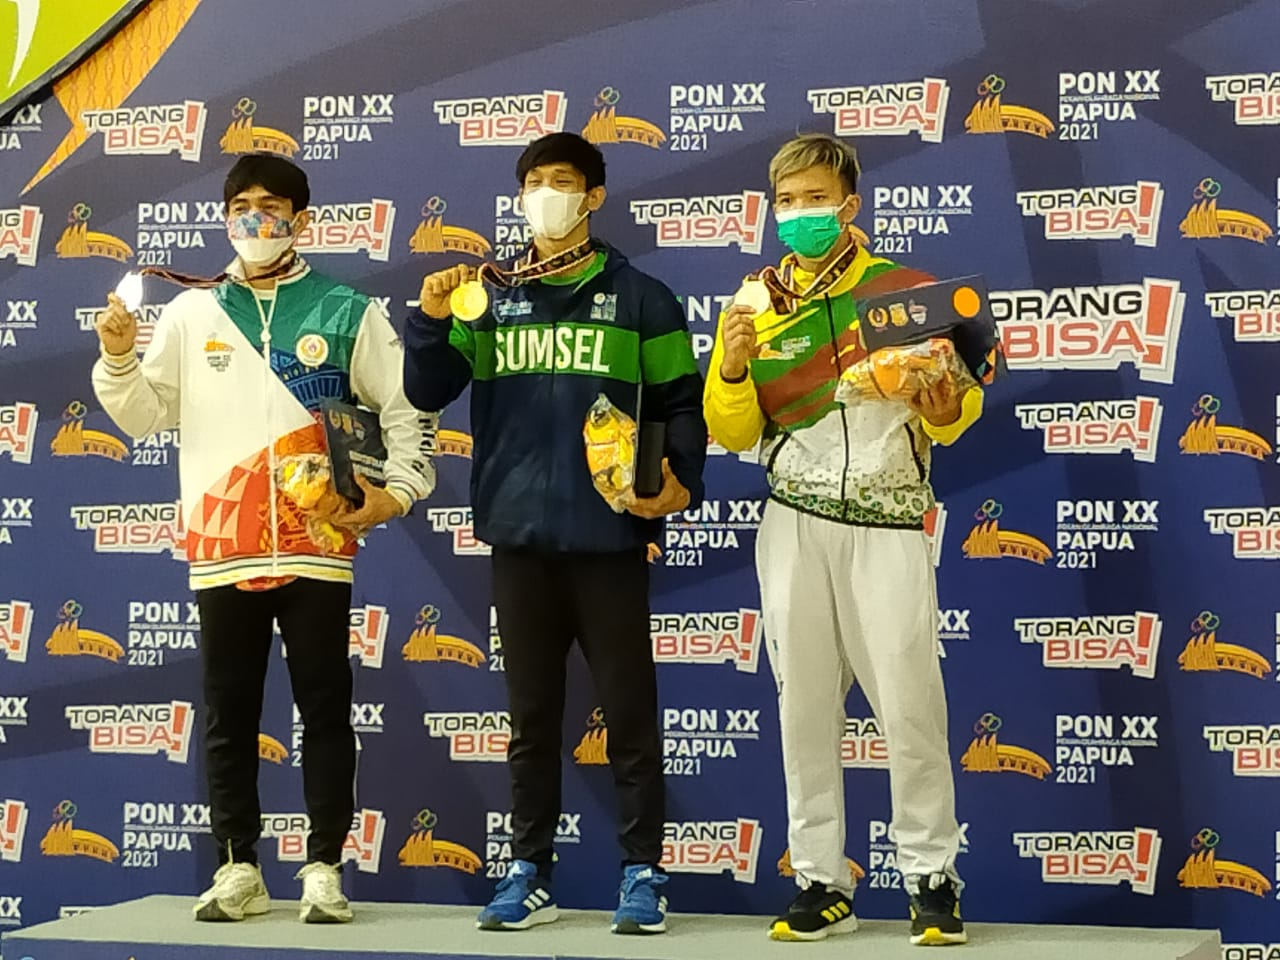 Atlet senam asal Sumatra Selatan, Fajar Ali berhasil meraih medali emas pertama pada pelaksanaan PON XX Papua, Minggu (3/10).